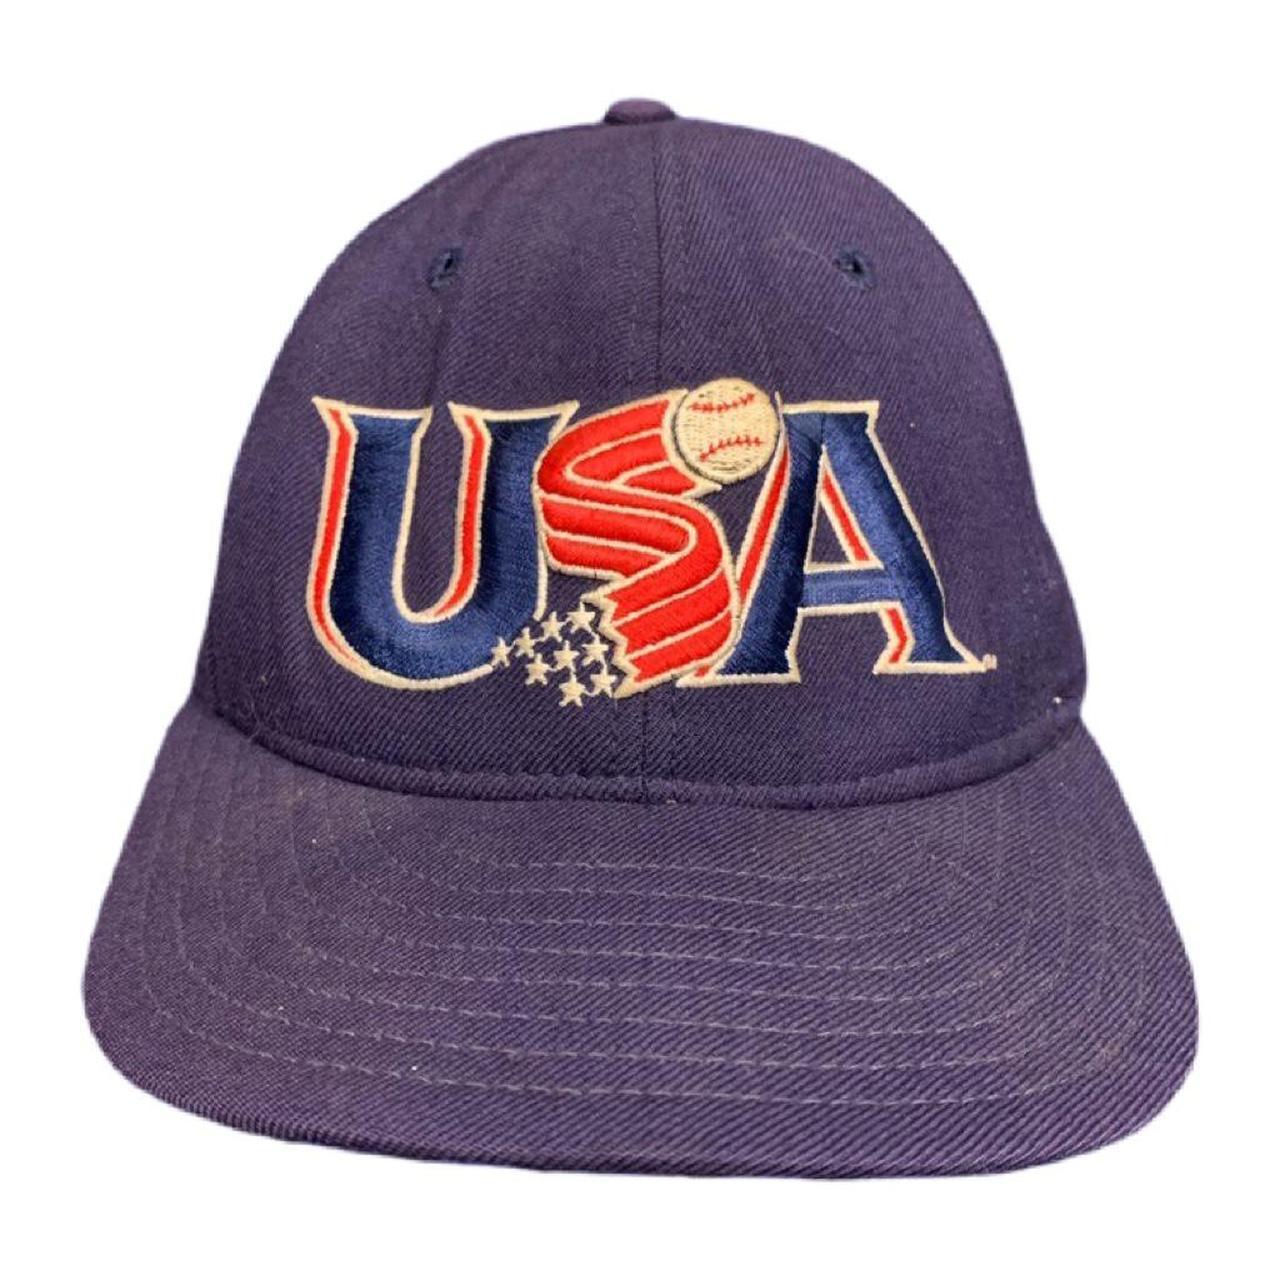 Product Image 1 - Vintage 1990's USA Baseball New